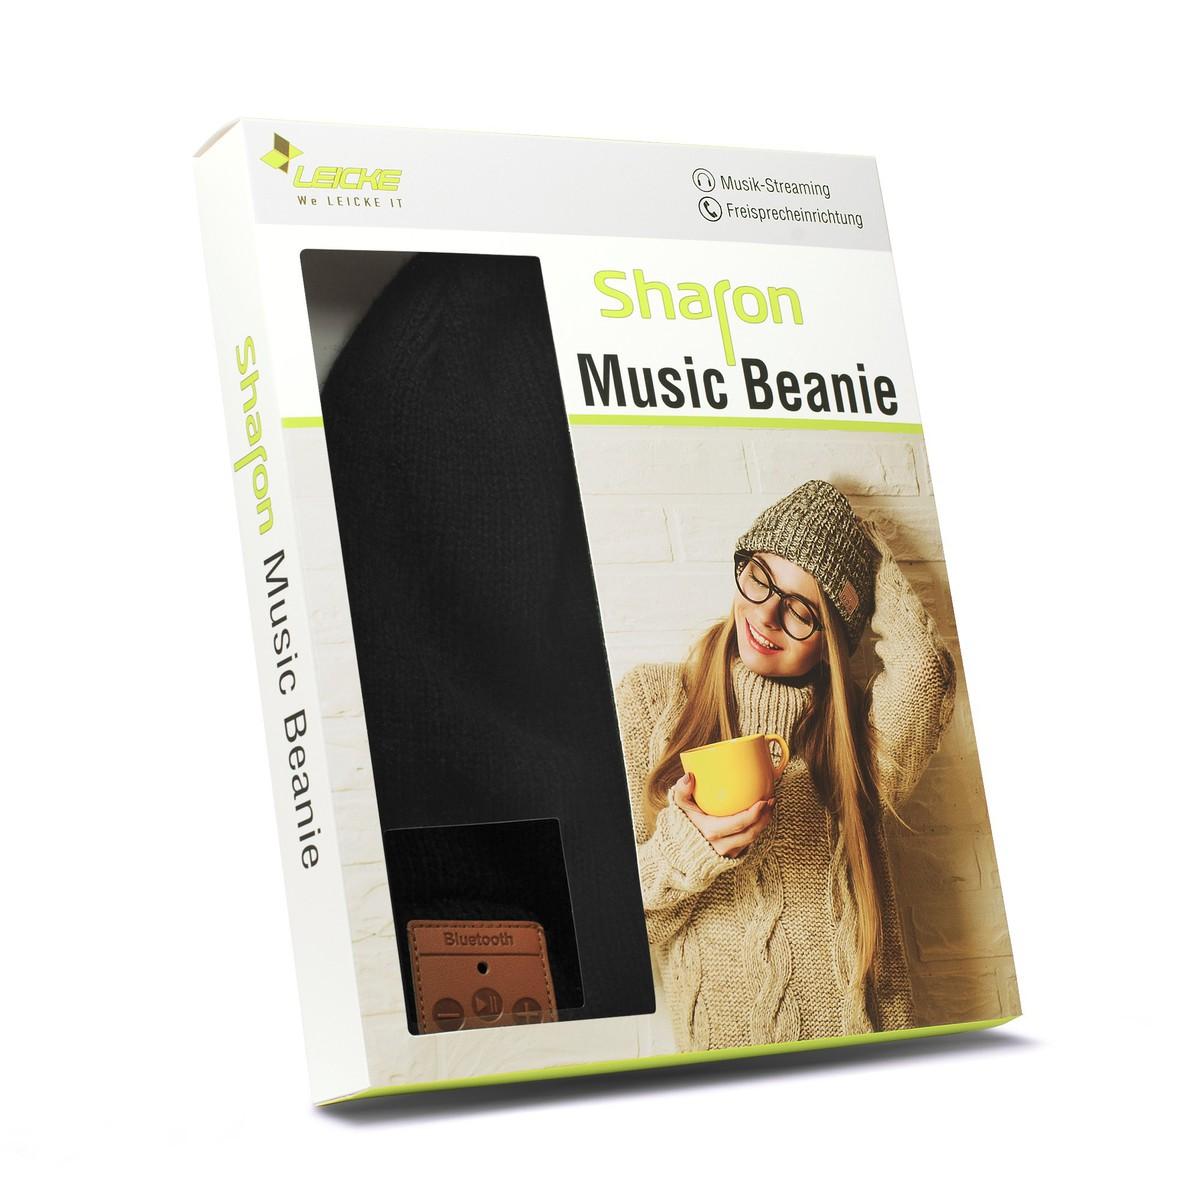 Bild 3 von Sharon Beanie mit Bluetooth Kopfhörer, schwarz